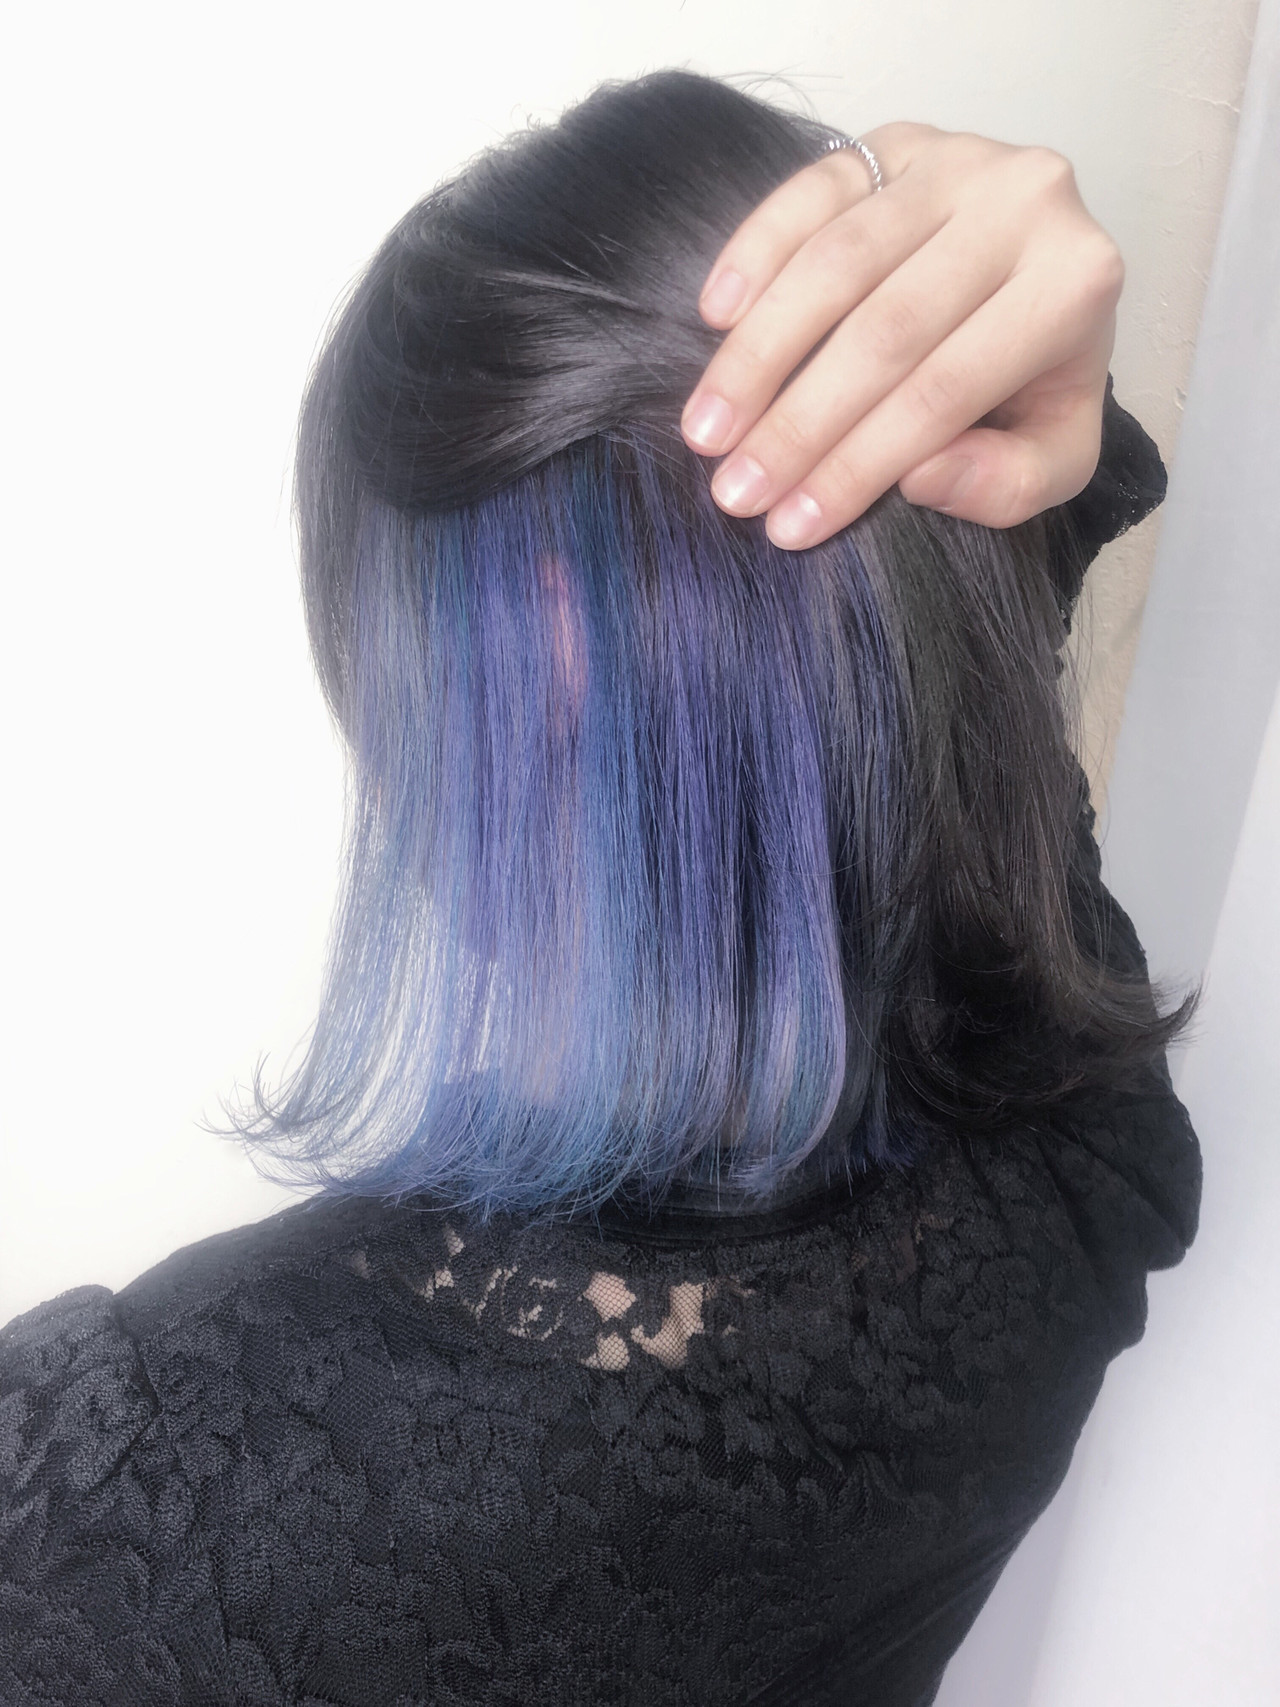 ブルー 簡単ヘアアレンジ ナチュラル インナーブルー ヘアスタイルや髪型の写真・画像 | TAKUMI KAWAHORI / ankclassic